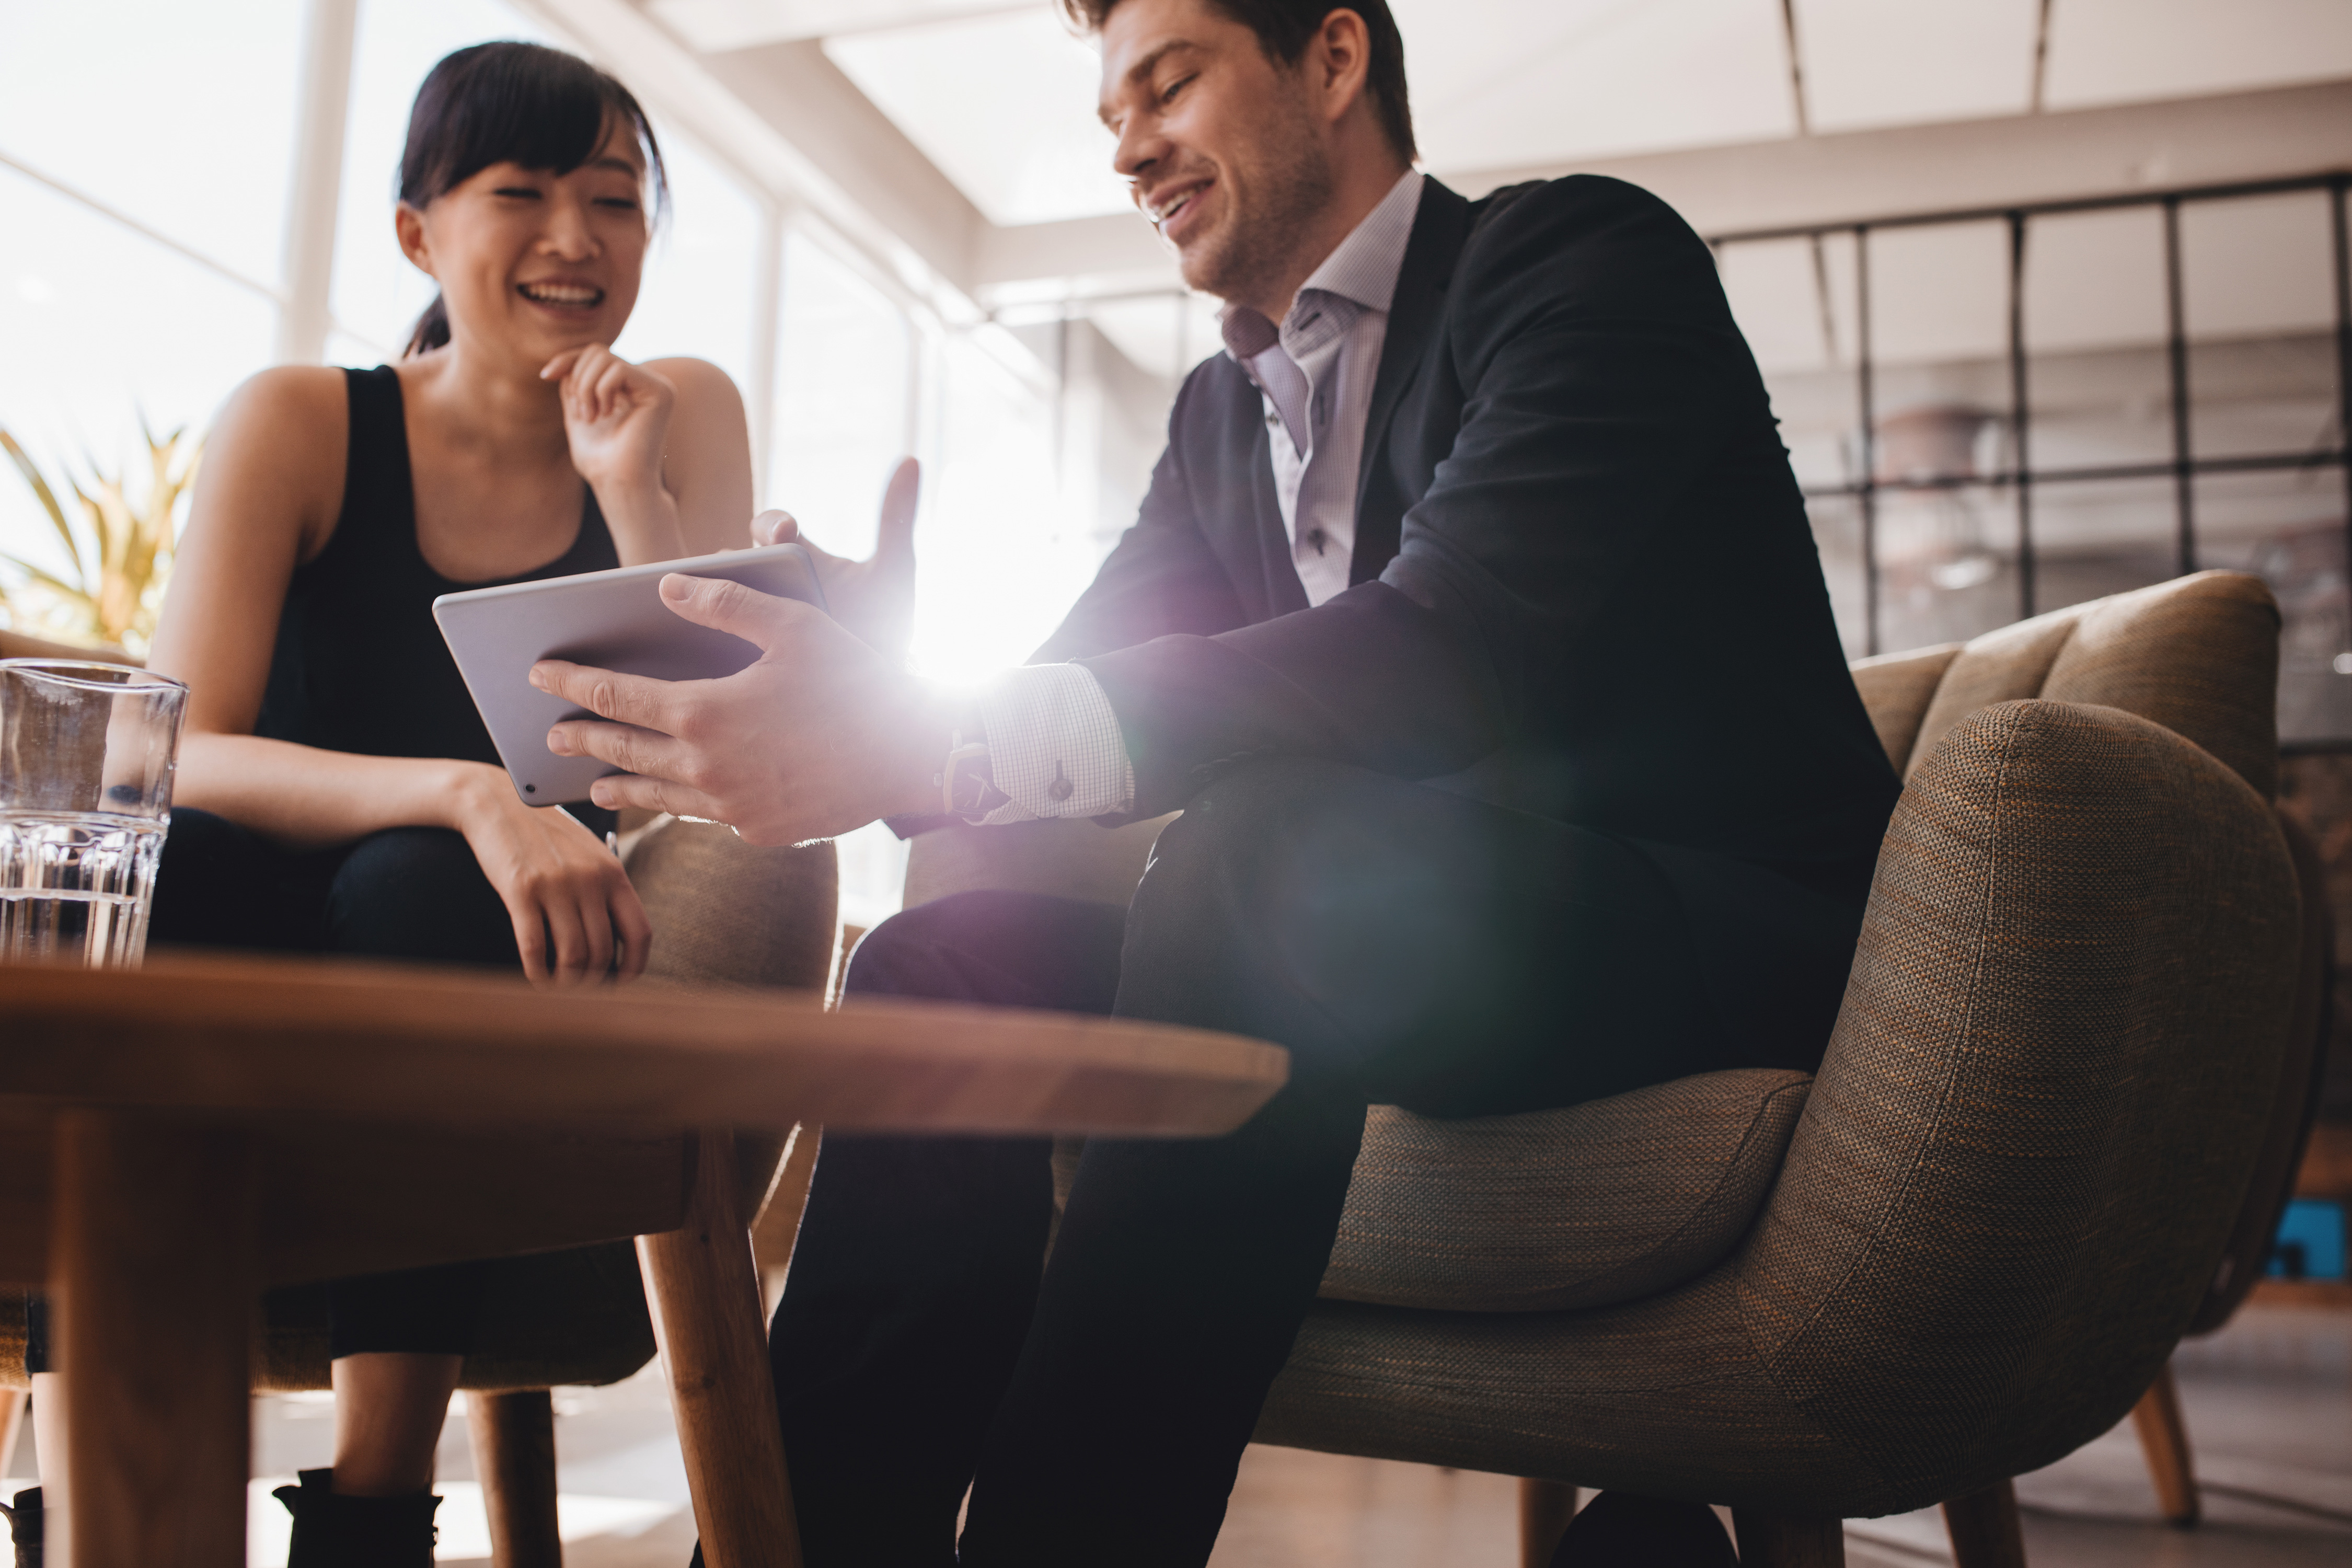 Geschäftpartner besprechen ein Projekt am Tablet.